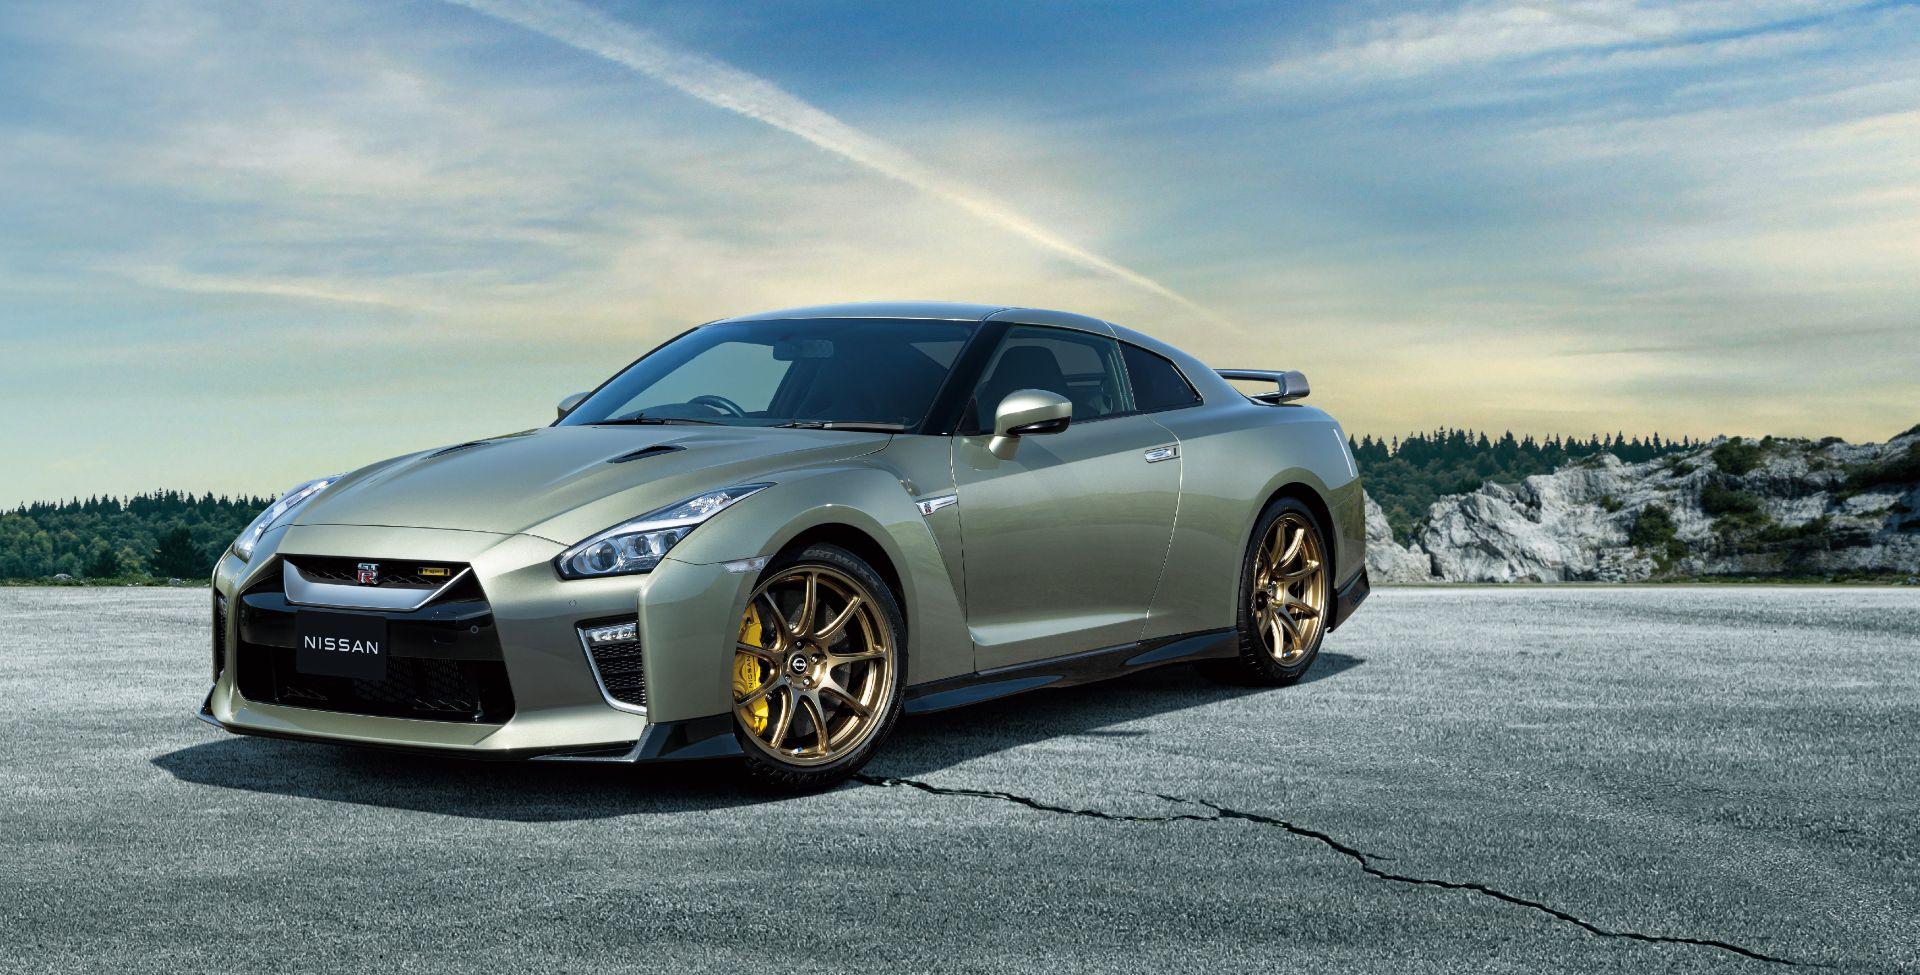 El Nissan GT-R estrena dos nuevas ediciones especiales que solo llegarán a Japón